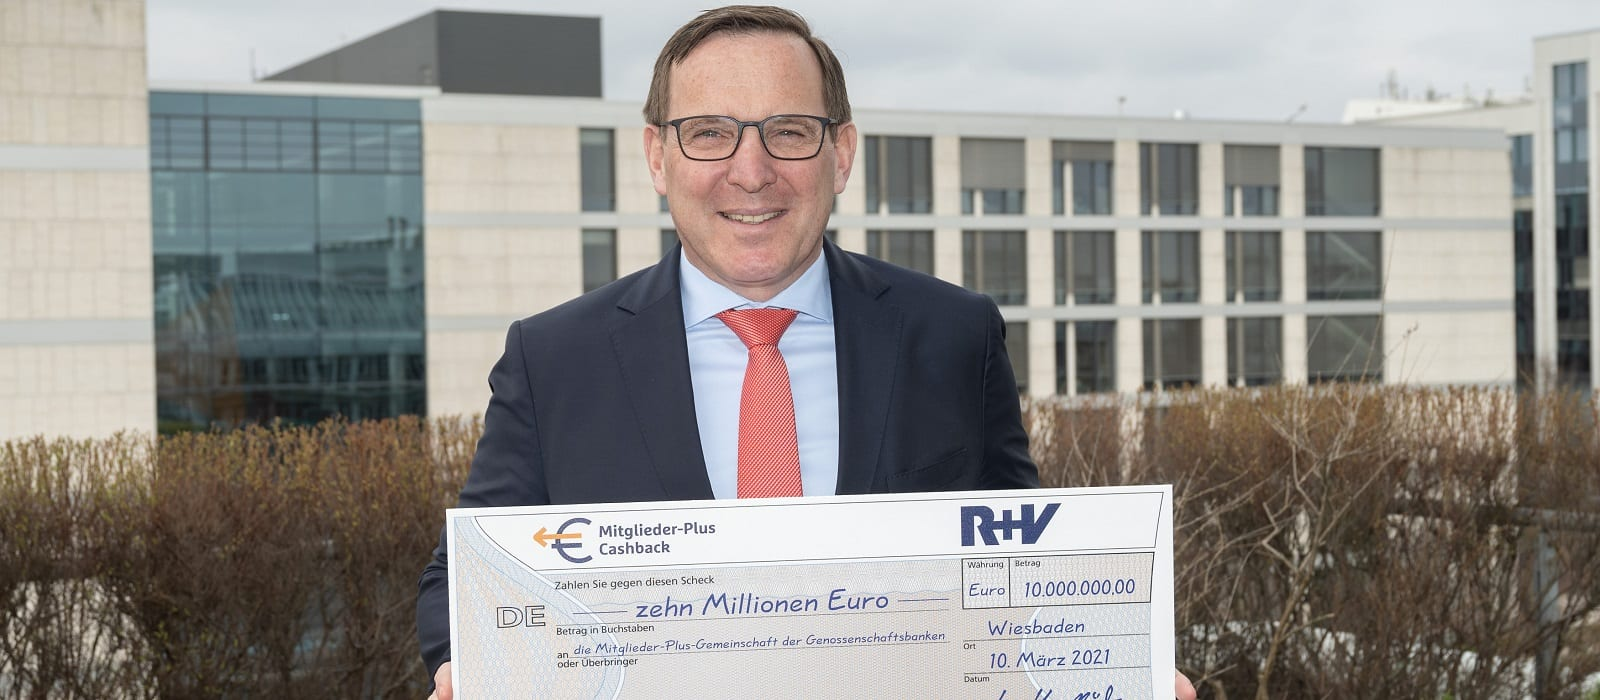 R+V premium refund - March 2021